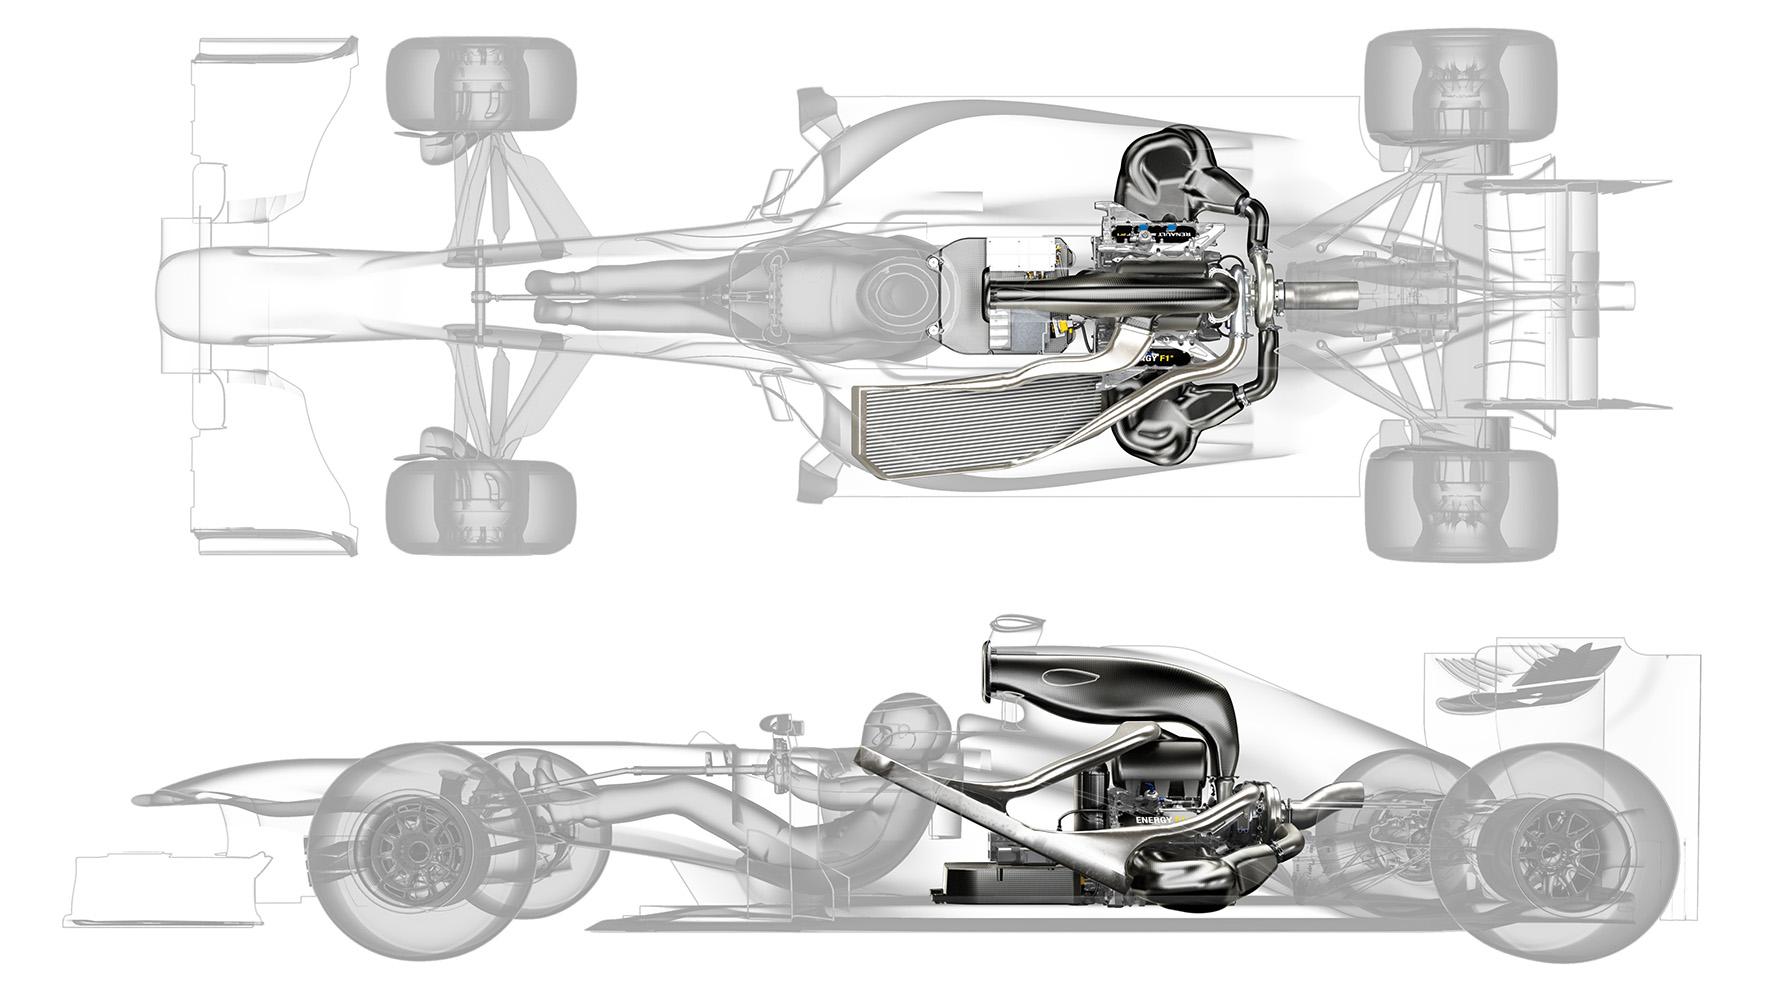 Sous le capot moteur F1 Power Unit Renault, un an après